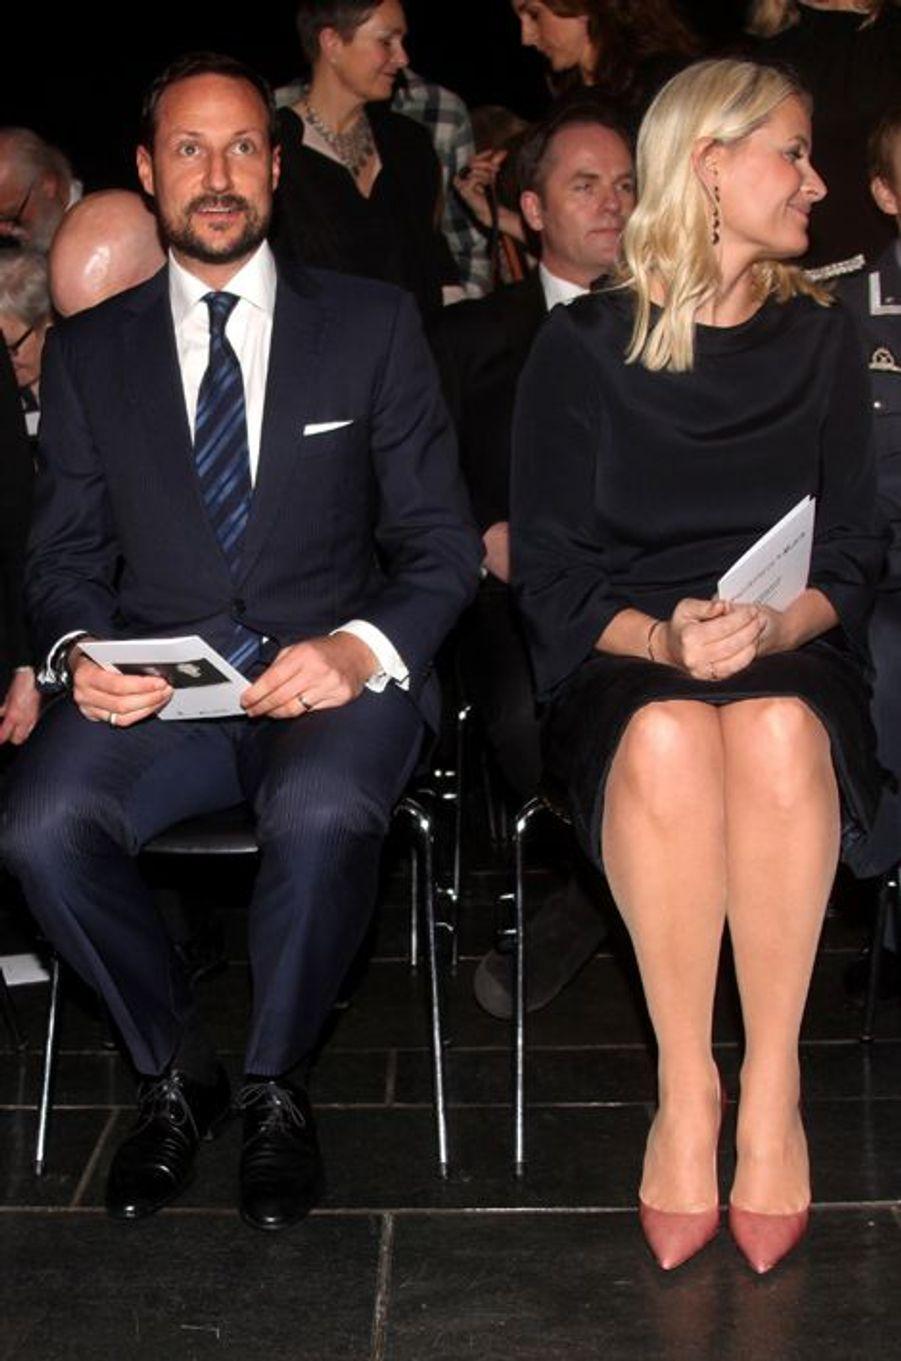 La princesse Mette-Marit et le prince Haakon de Norvège au musée Munch à Oslo, le 5 février 2016